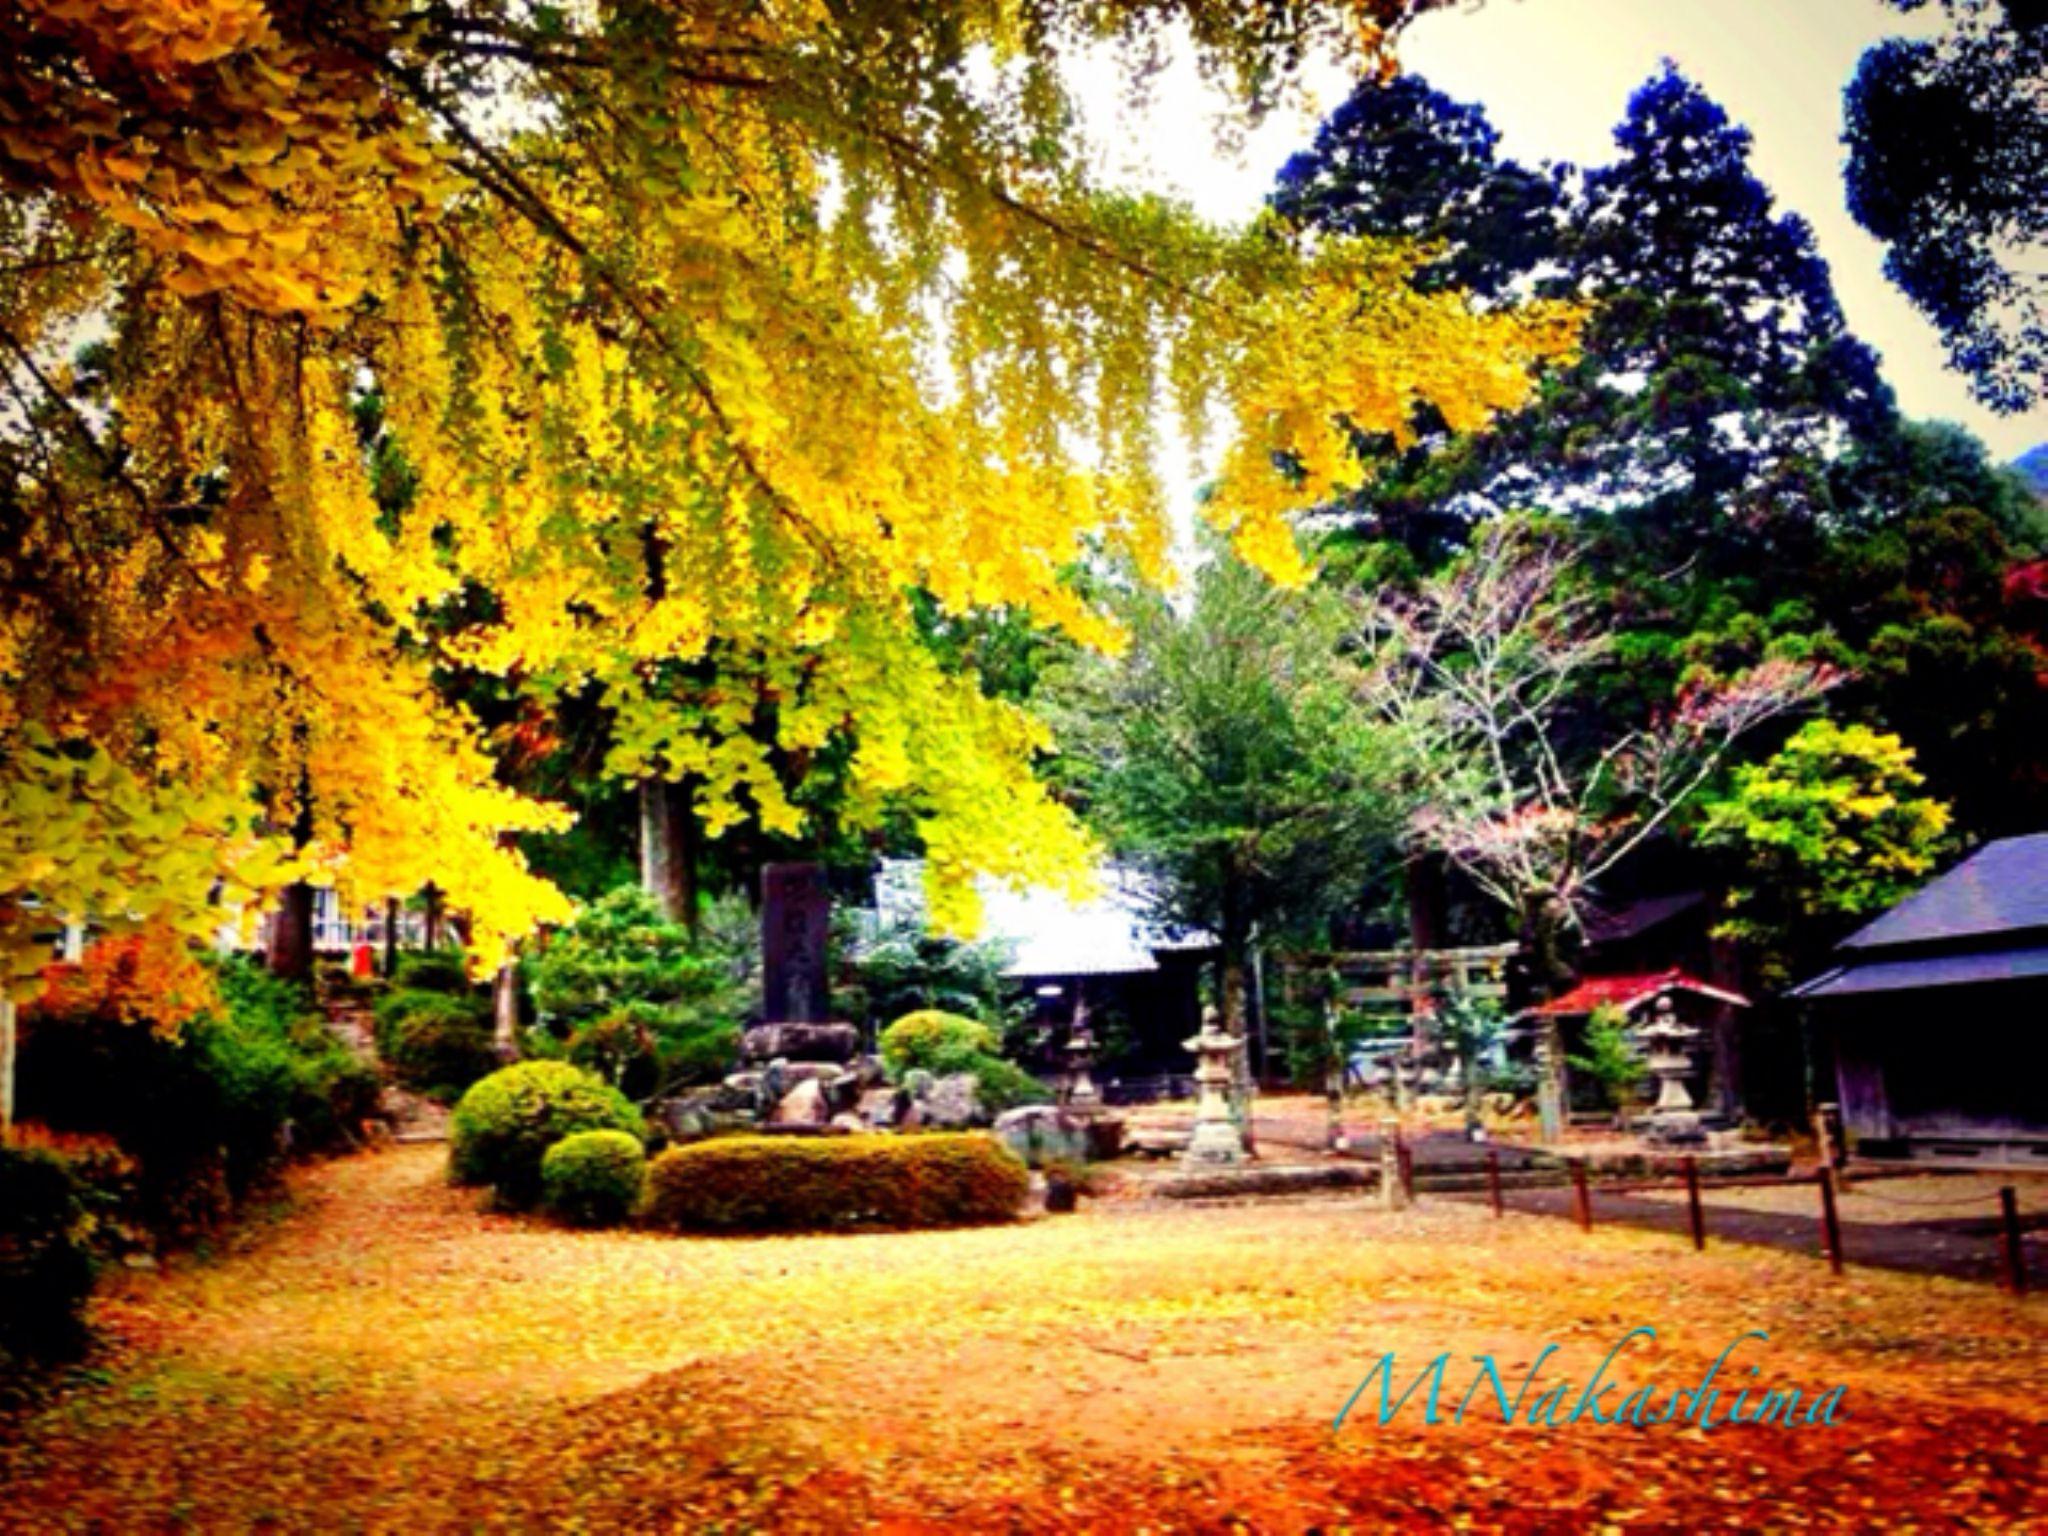 IMG_4348 by marina.nakashima